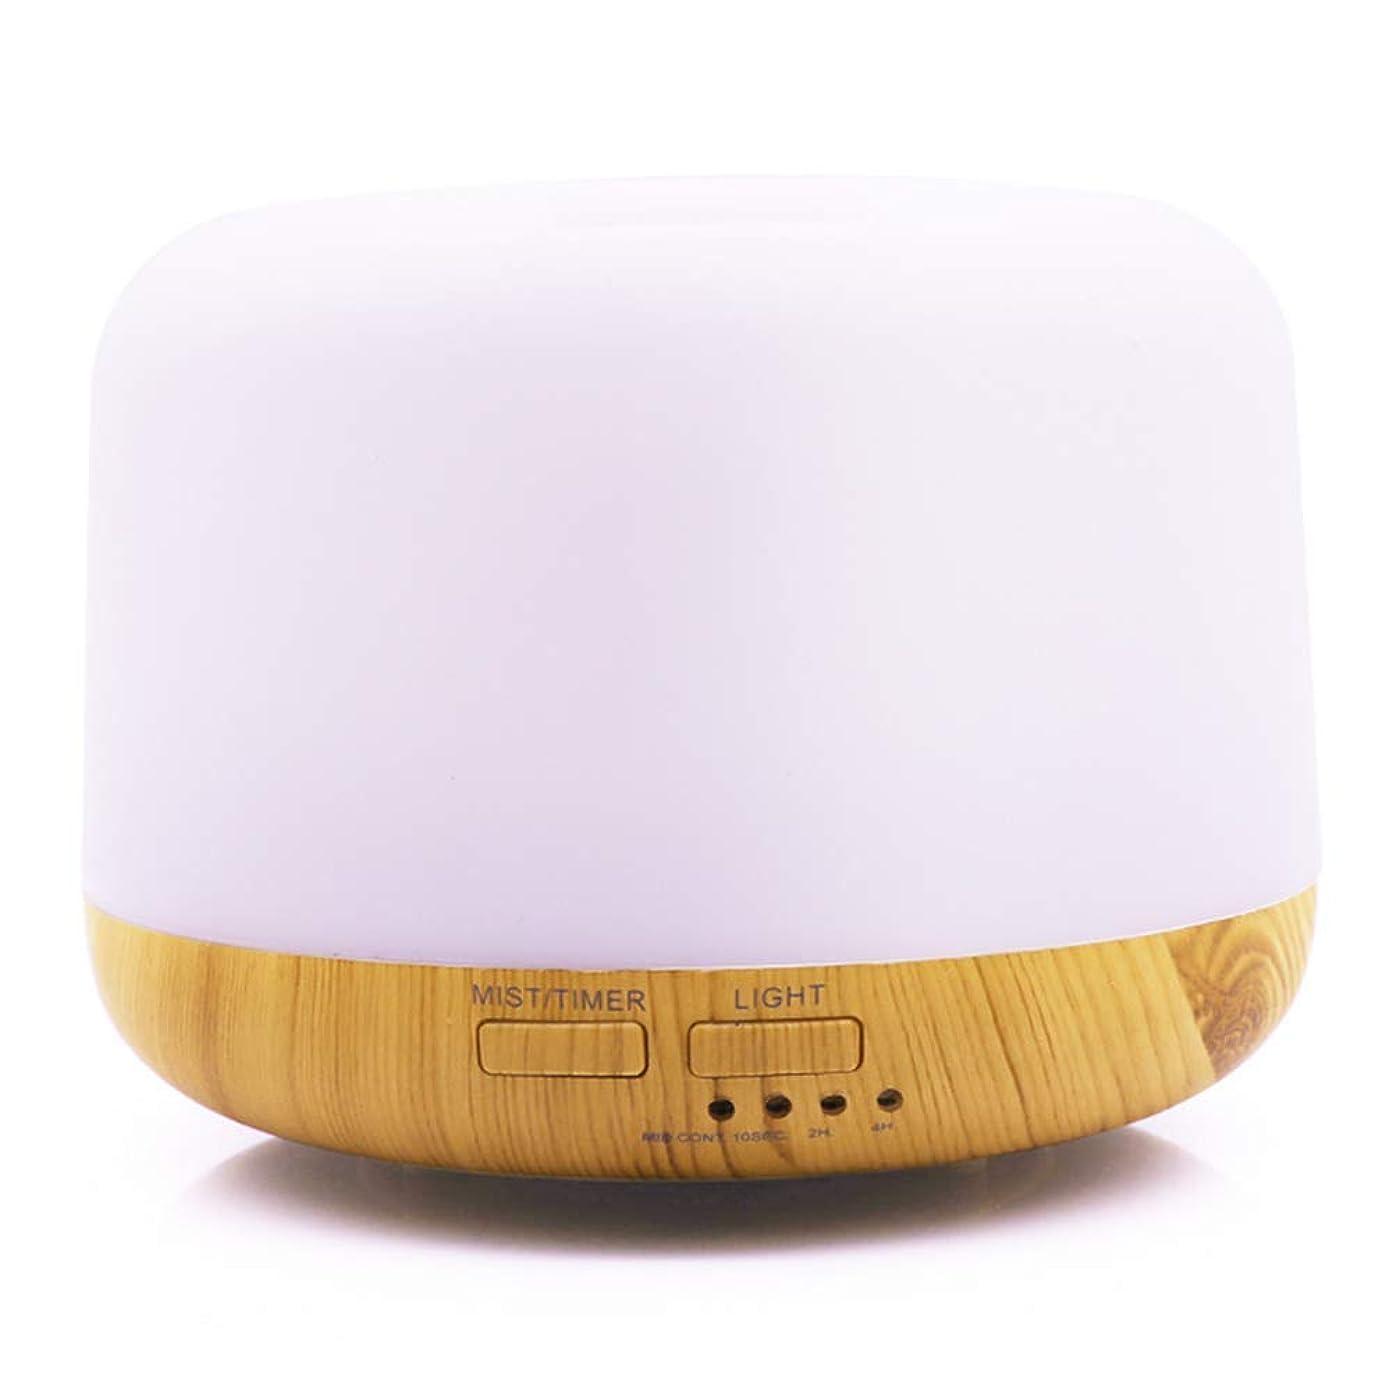 スナッチ蒸発する不良品超音波カラフルなライトアロマテラピーマシンLED照明パンの加湿器ホームオフィスの美しさ,Natural